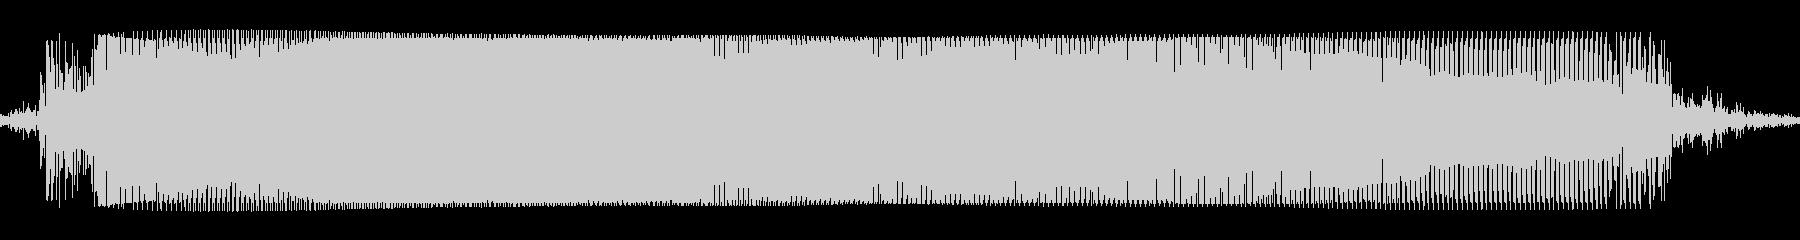 ギターメタルパワーコードzf wの未再生の波形